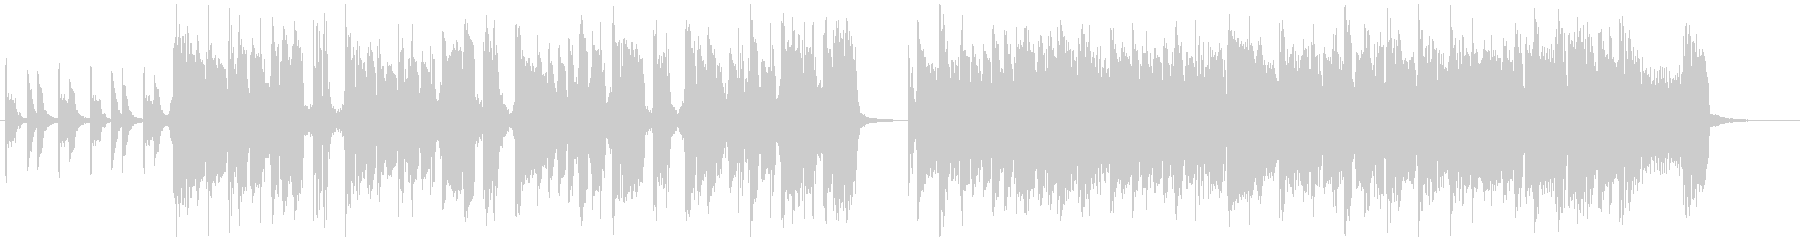 30秒 CMに!わくわく、おしゃれな曲。の未再生の波形